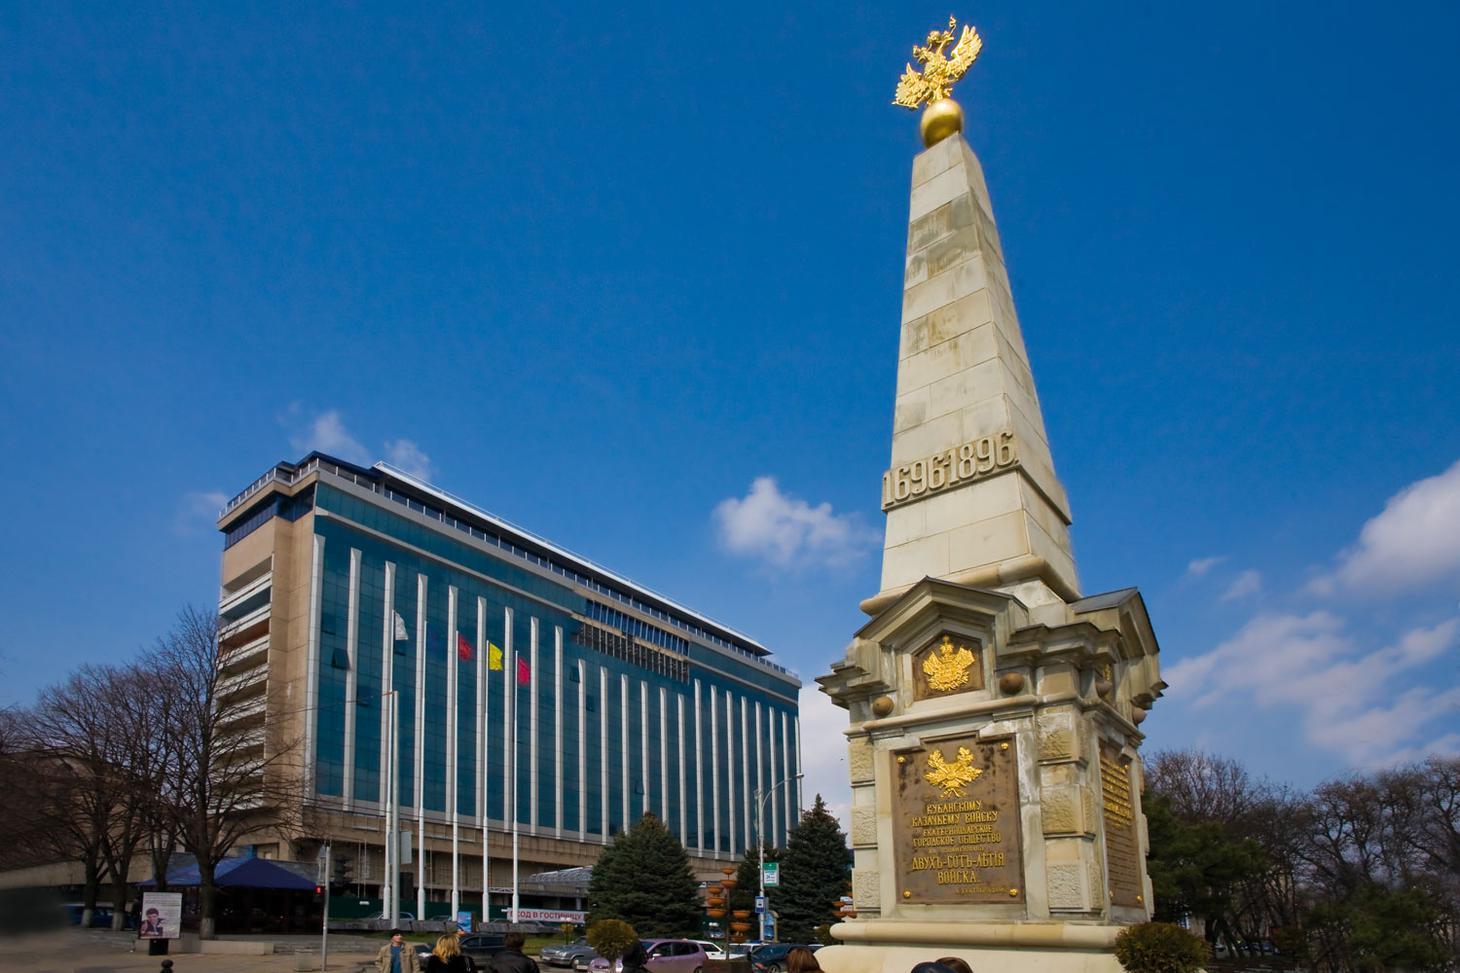 Памятник в ознаменование 200-летия Кубанского казачьего войска (1696-1896 гг.), Краснодар